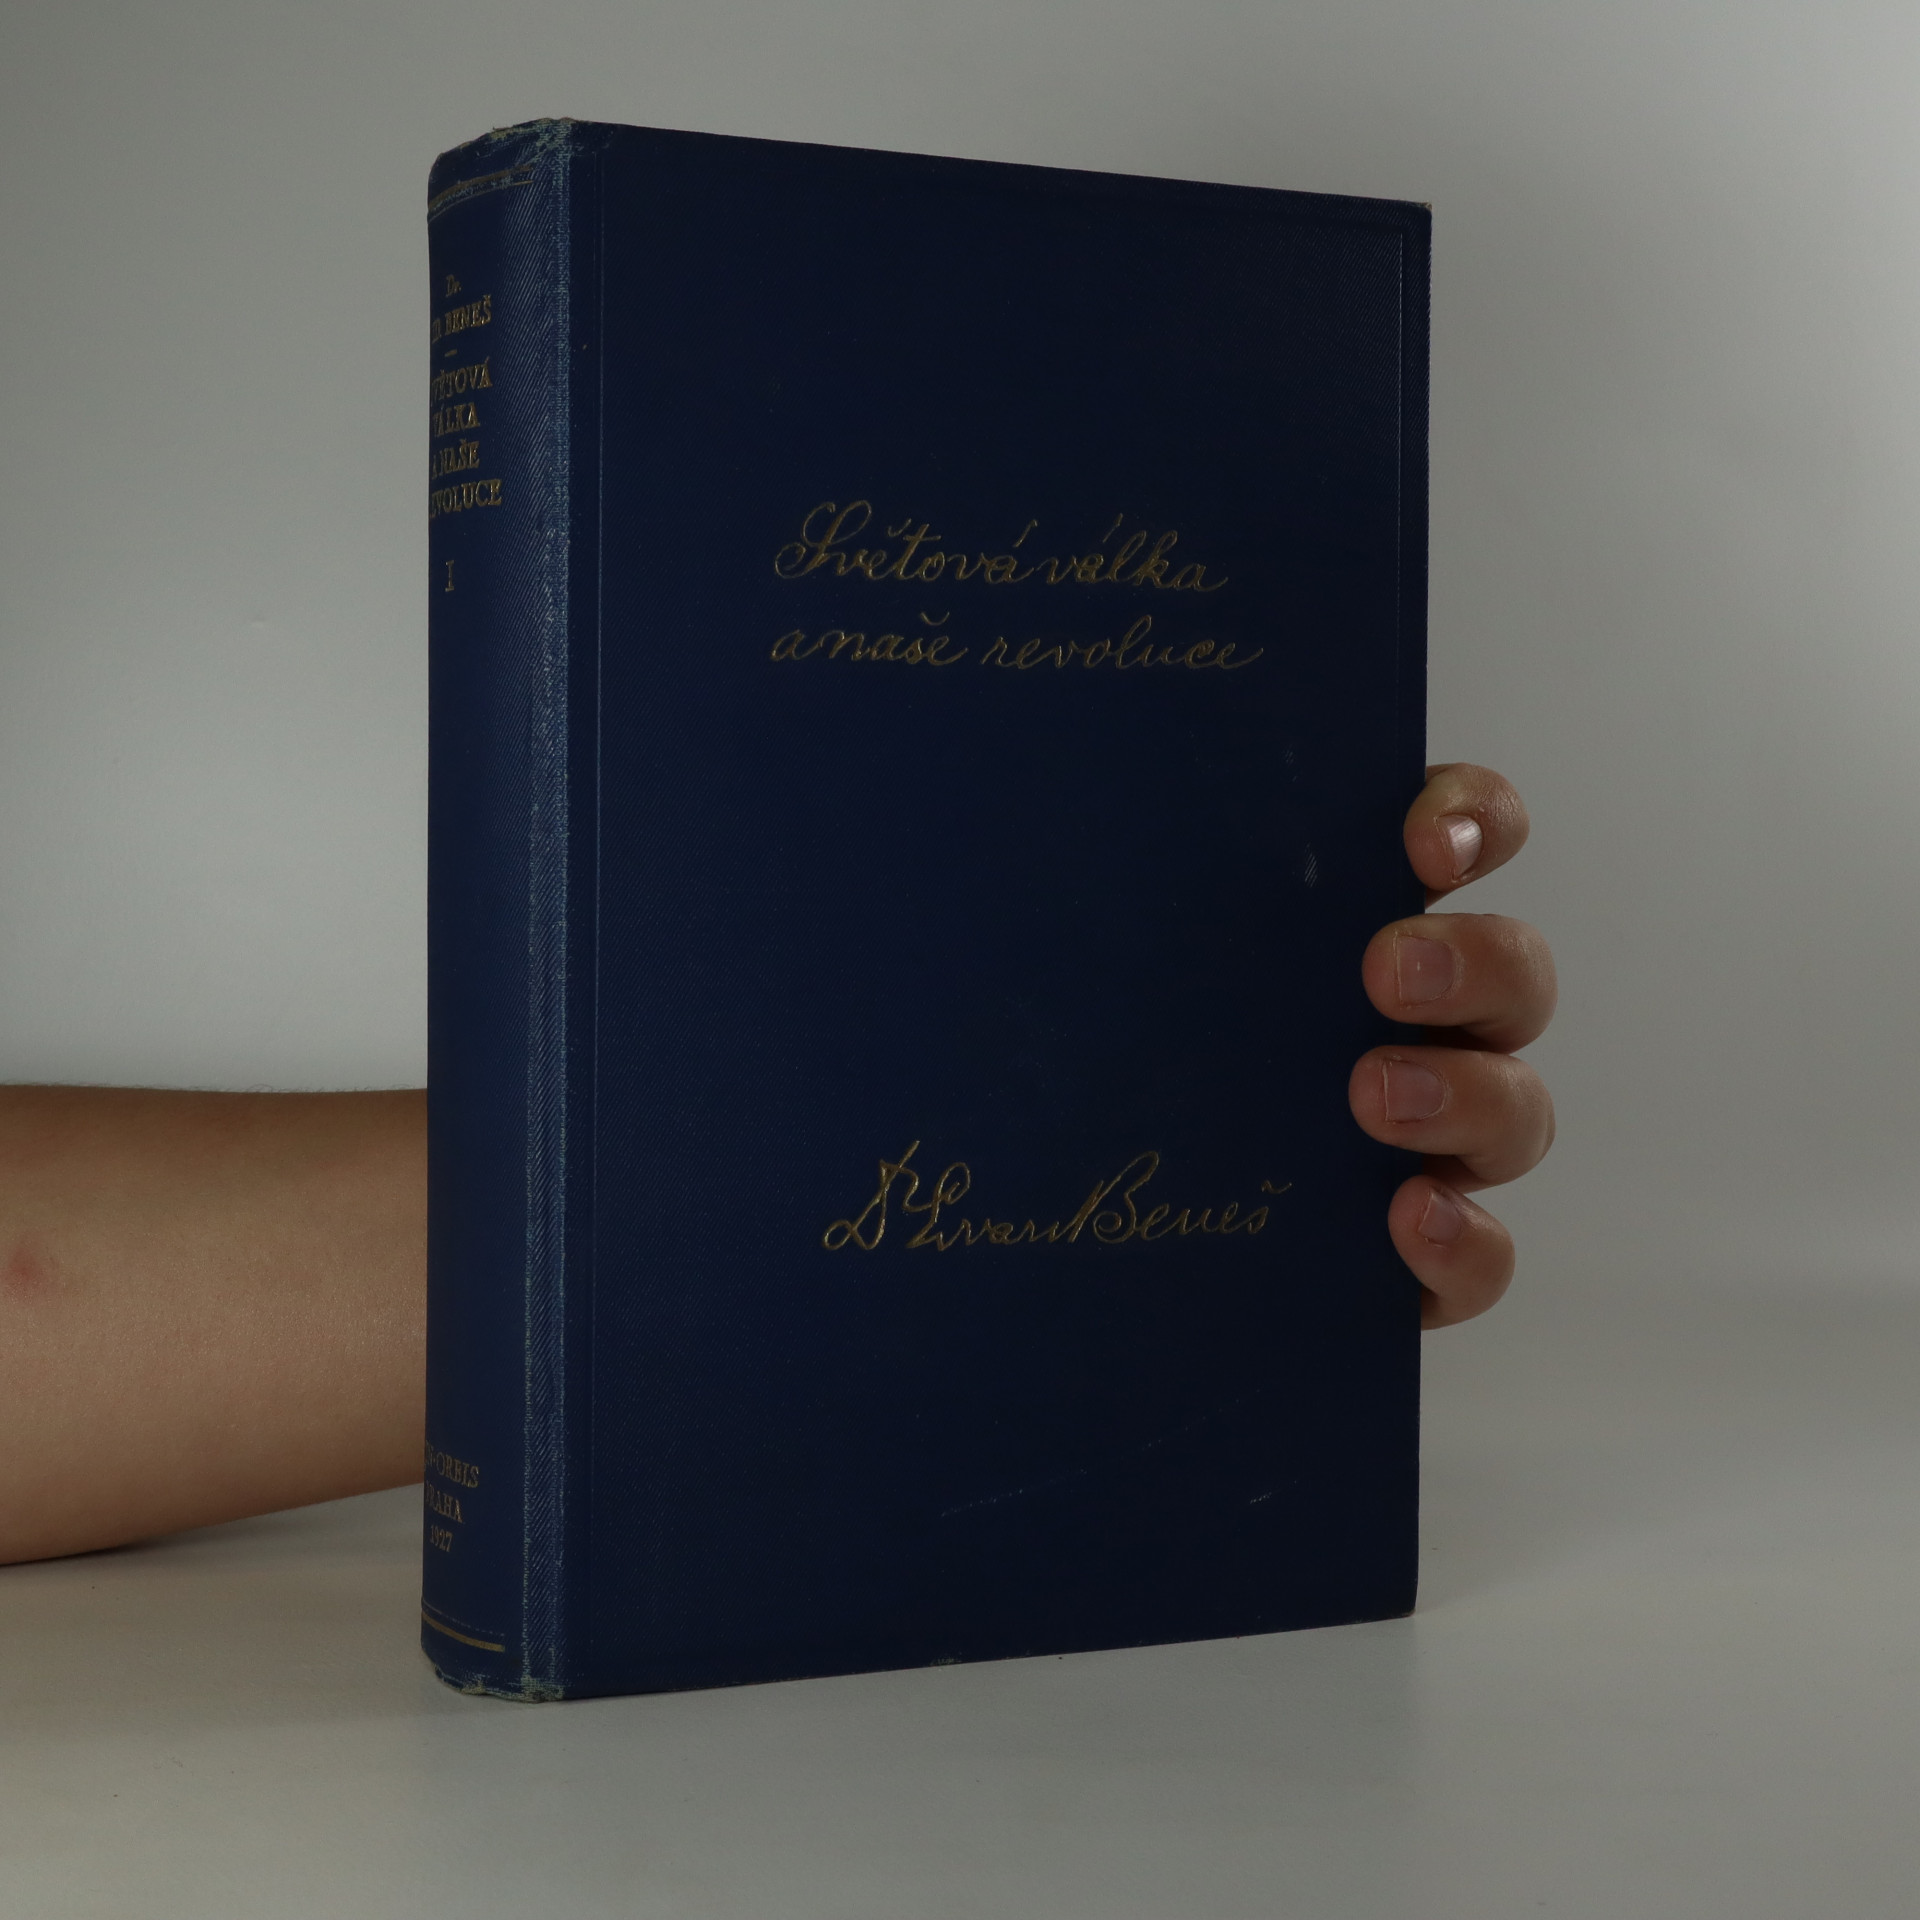 antikvární kniha Světová válka a naše revoluce (I. díl), 1928